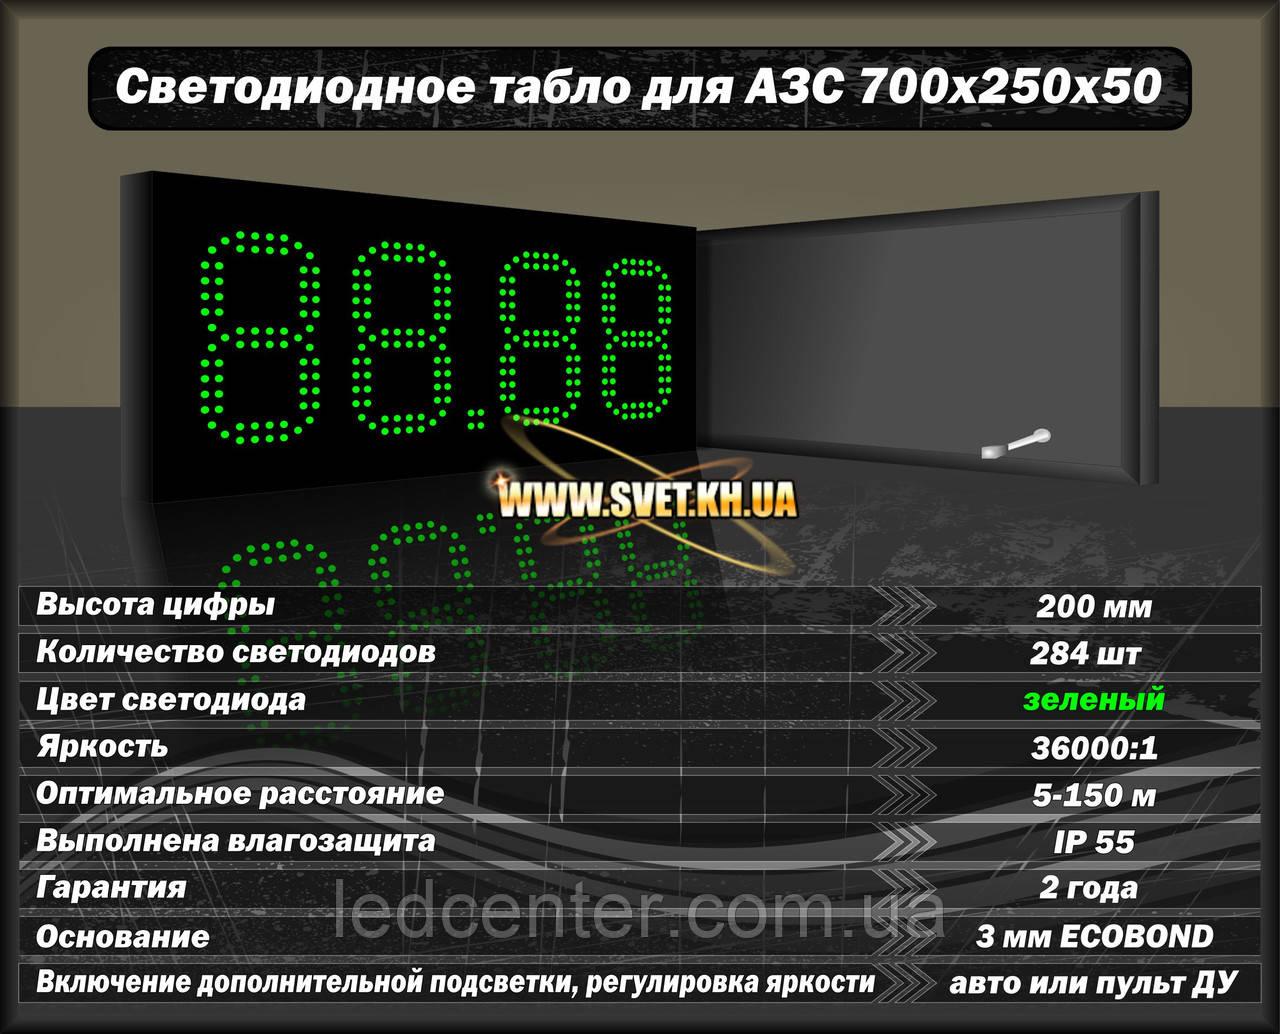 Светодиодное табло для АЗС 700x250x50